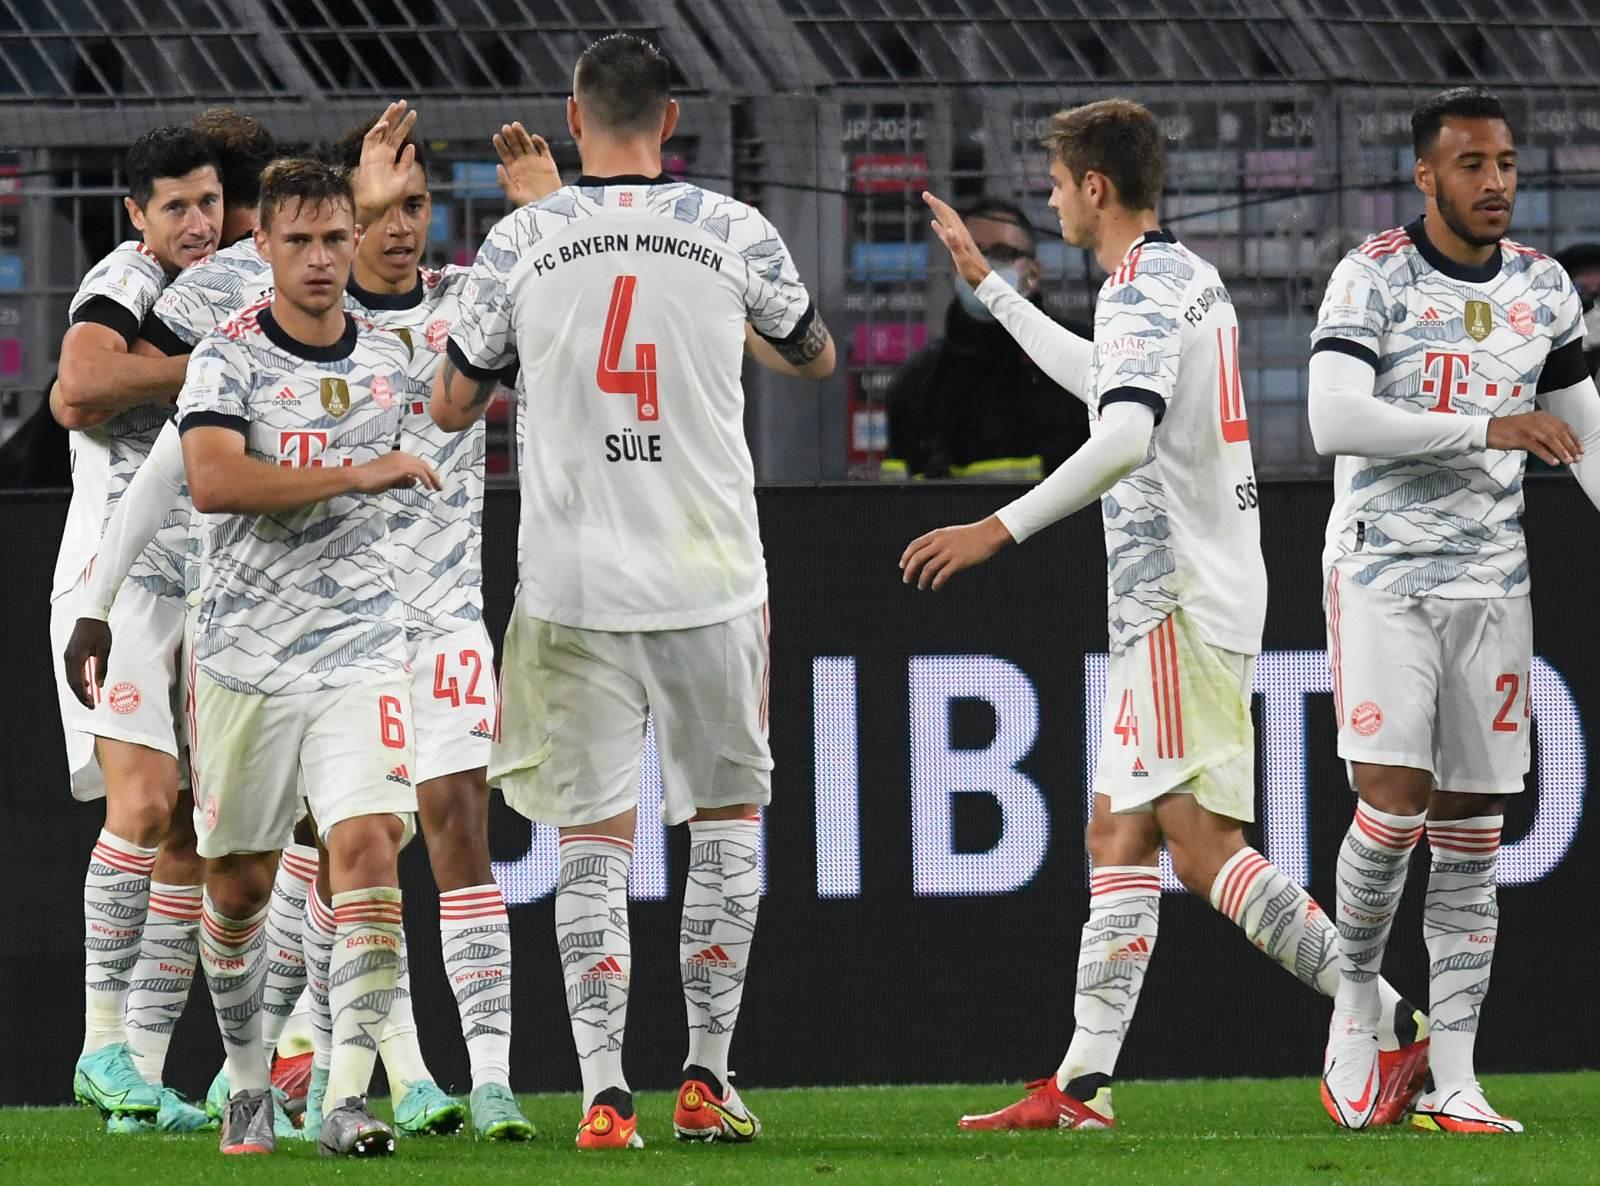 «Бремер» - «Бавария»: прогноз и ставка на матч Кубка Германии - 25 августа 2021